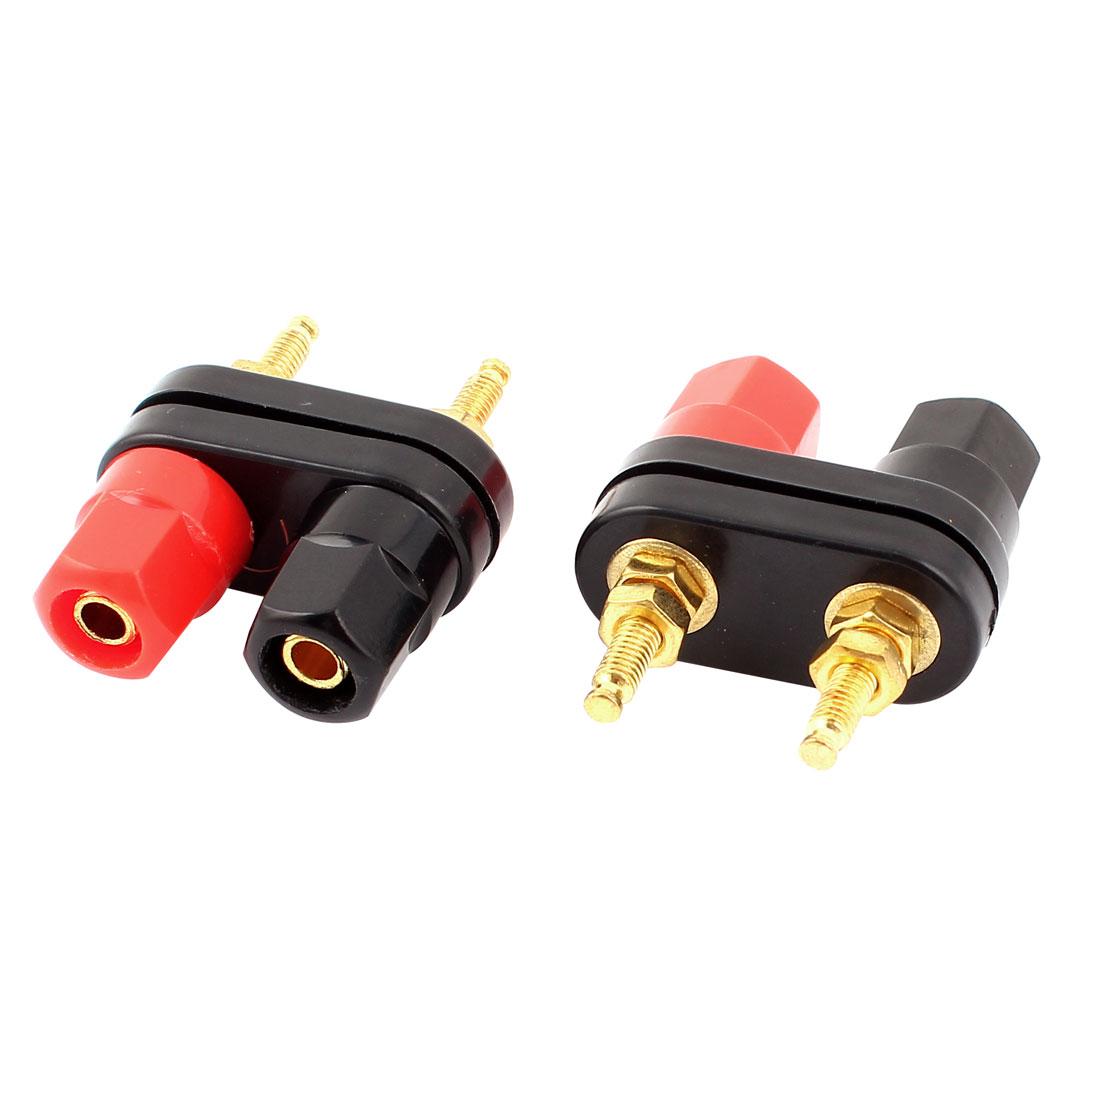 Plastic Cap Audio Speaker Amplifier Dual Banana Binding Post Black Red 2Pcs